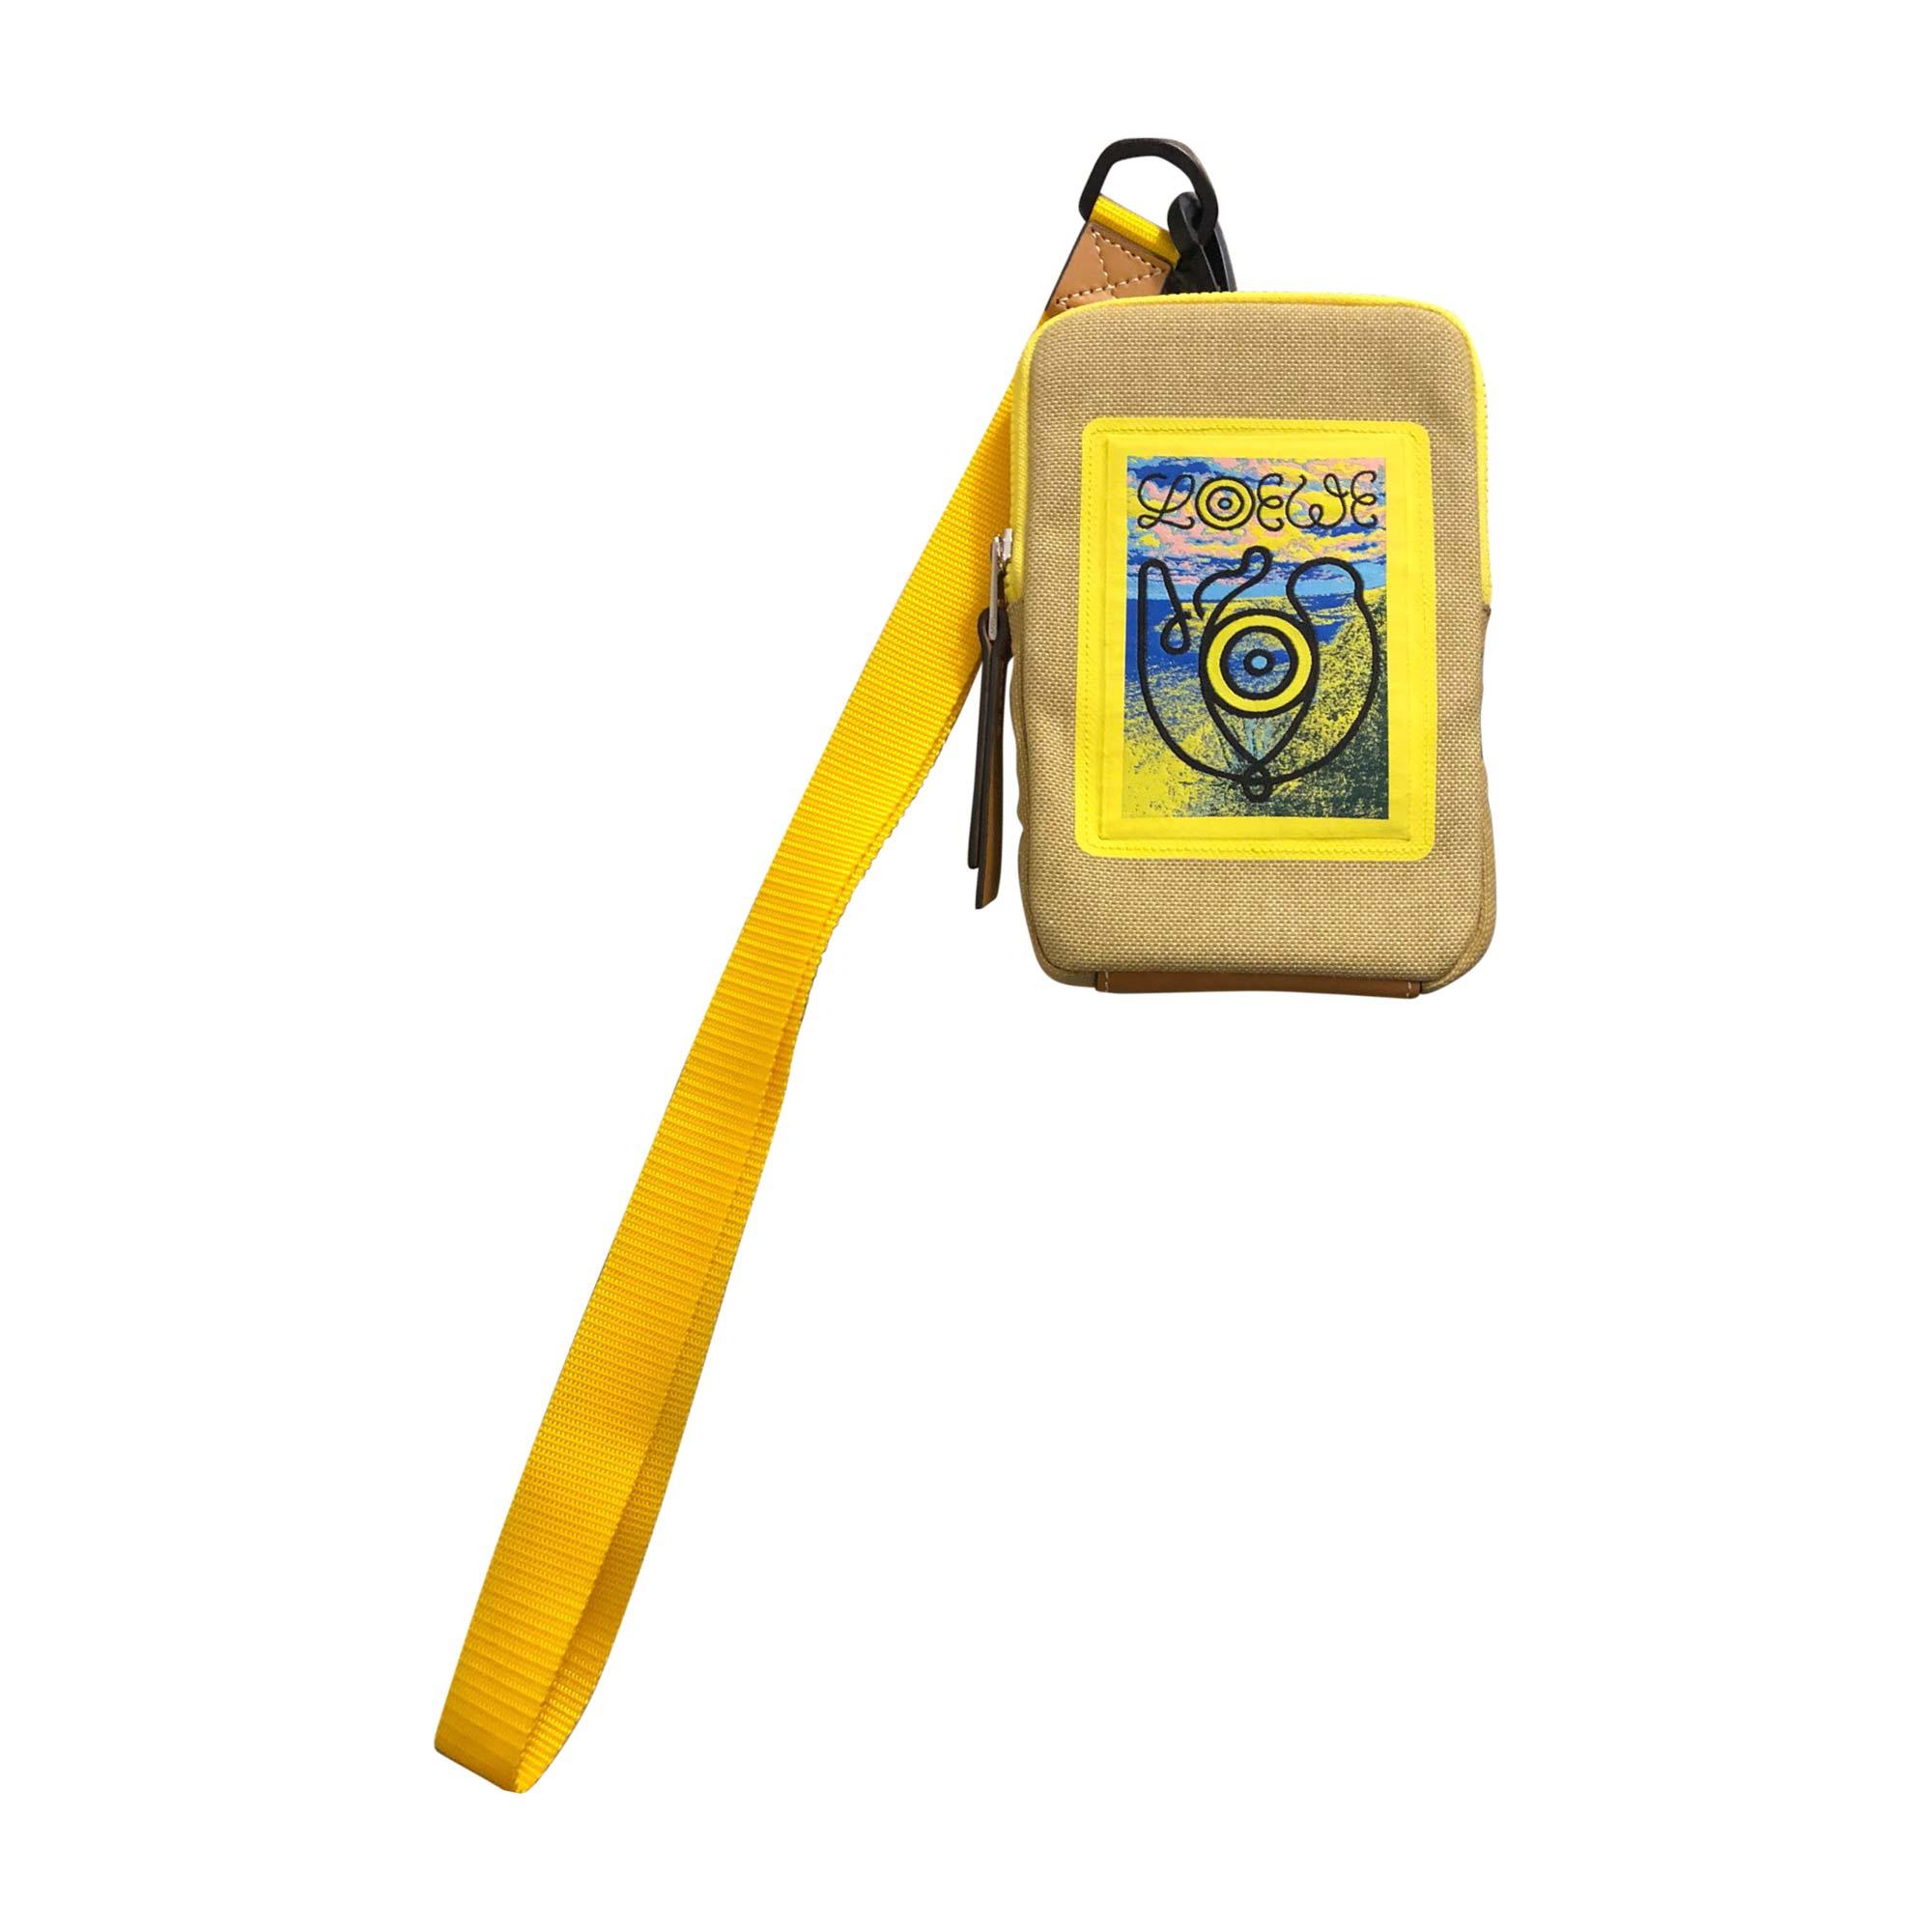 Sac pochette en tissu LOEWE polyester jaune